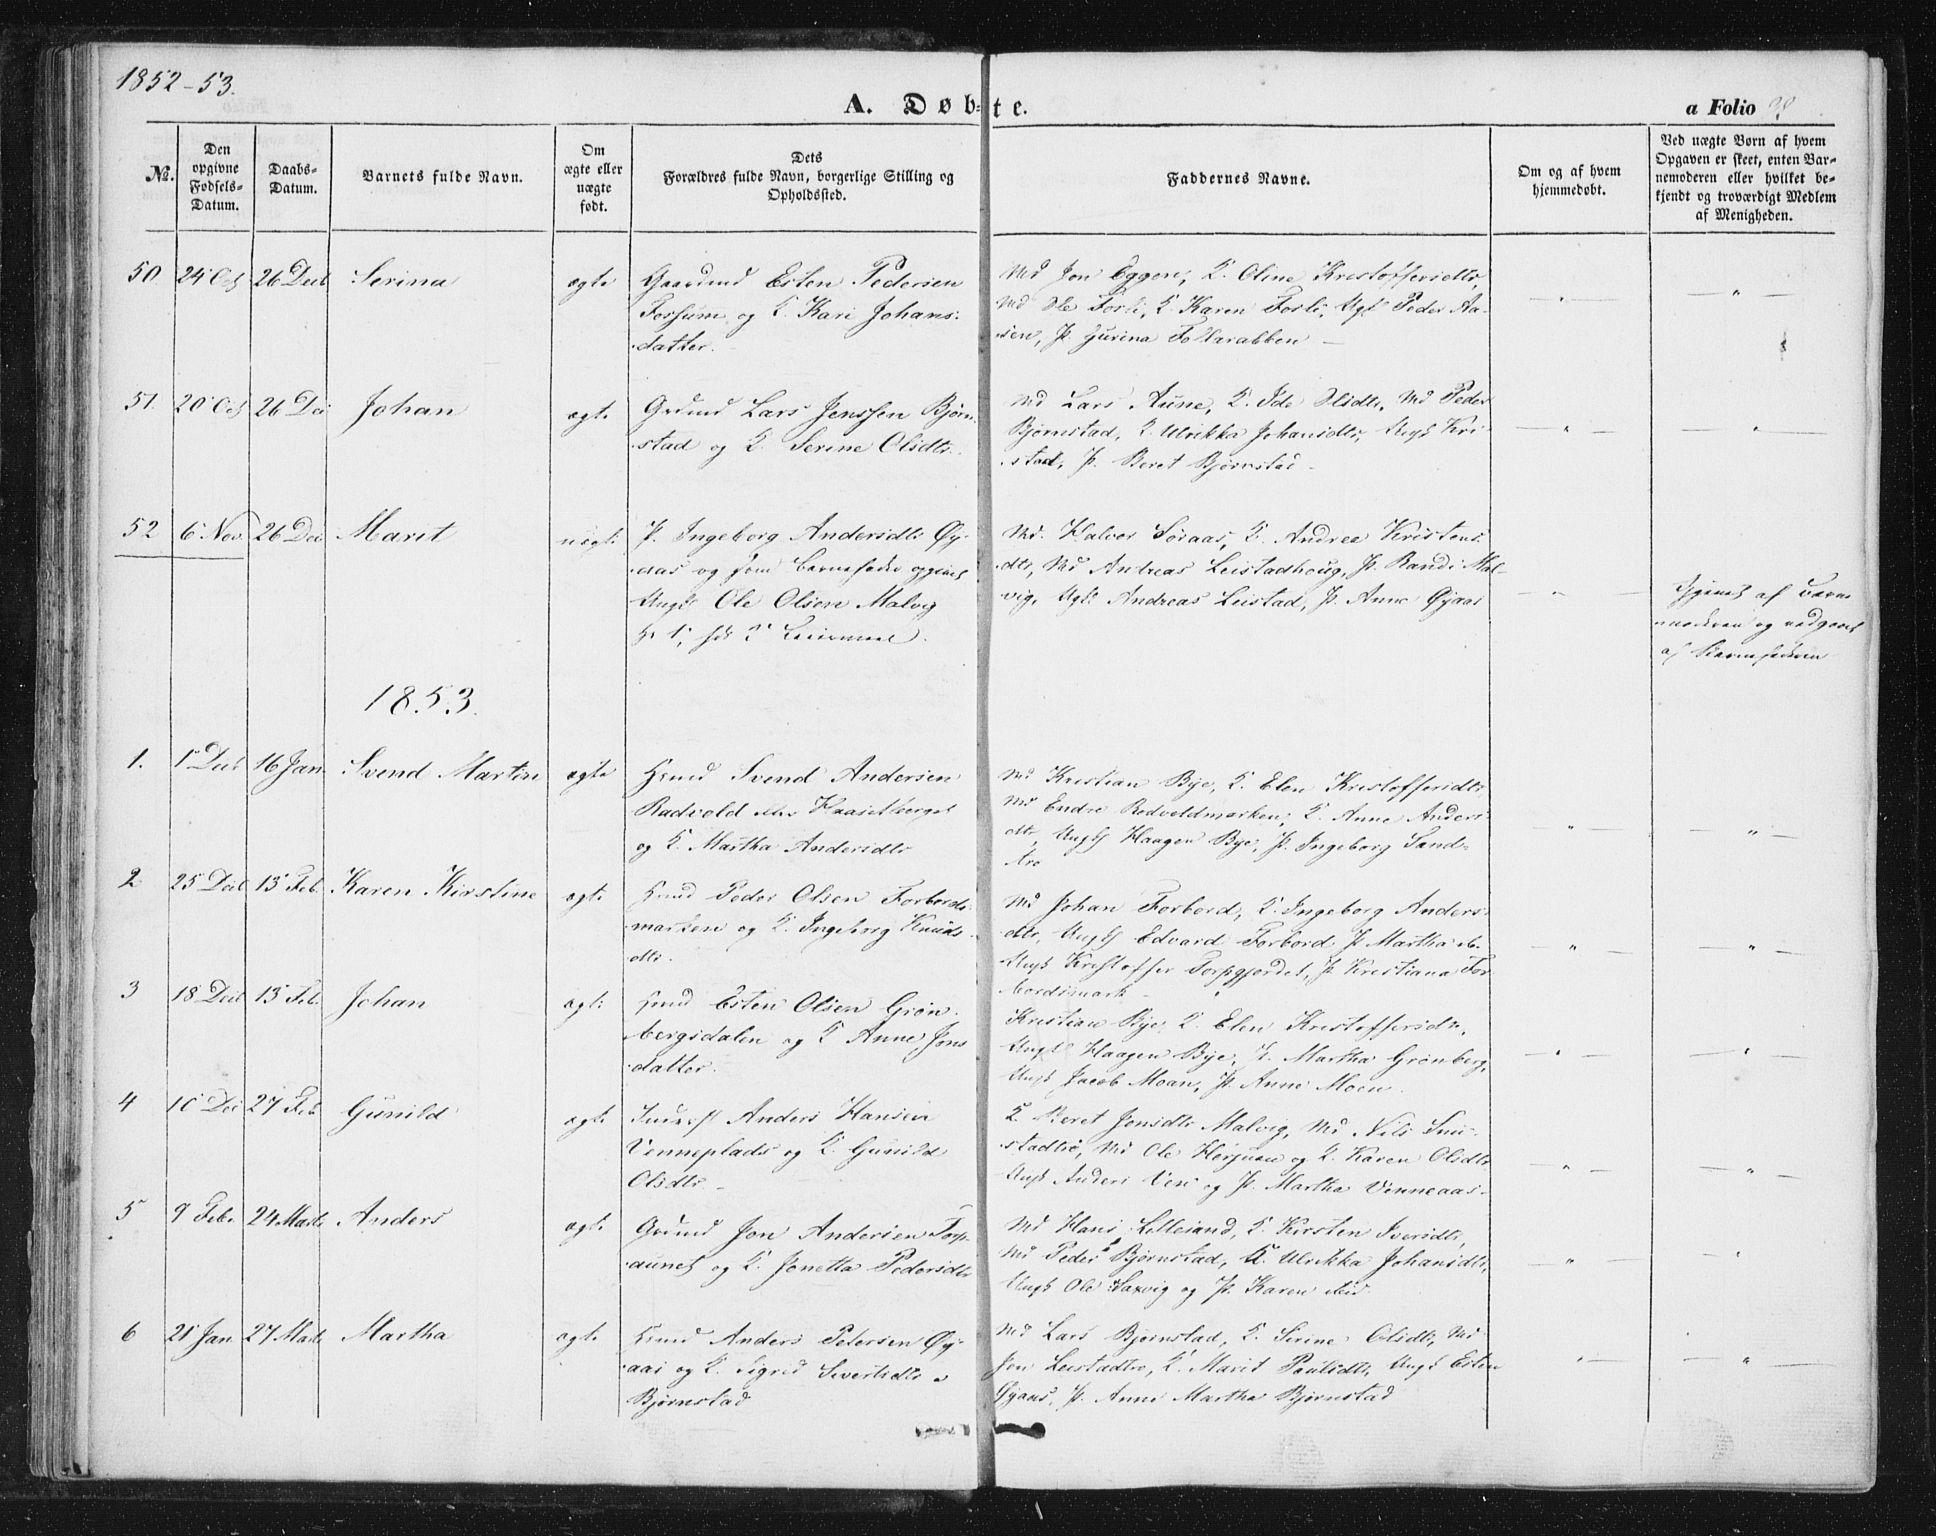 SAT, Ministerialprotokoller, klokkerbøker og fødselsregistre - Sør-Trøndelag, 616/L0407: Ministerialbok nr. 616A04, 1848-1856, s. 32